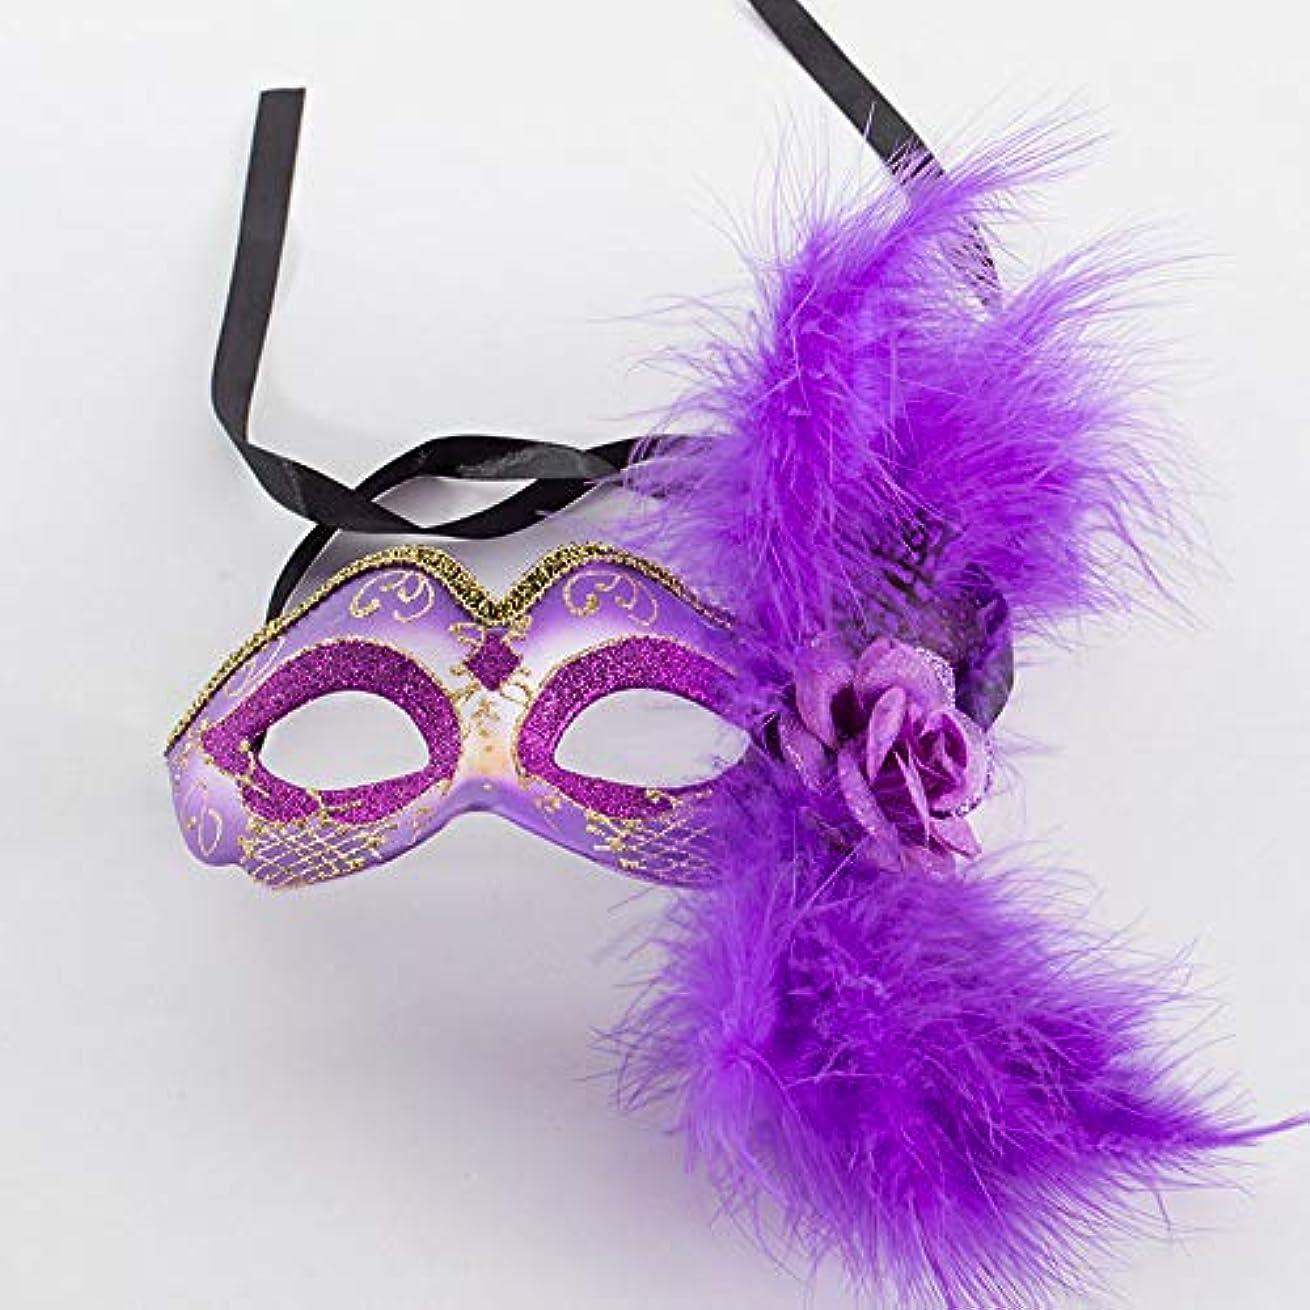 遊び場一流オーストラリアレディー女の子コスチュームベネチアンマスクフェザーマスカレードハロウィーンマルディグラコスプレパーティー仮面14.5x7.5cmマスク,紫色